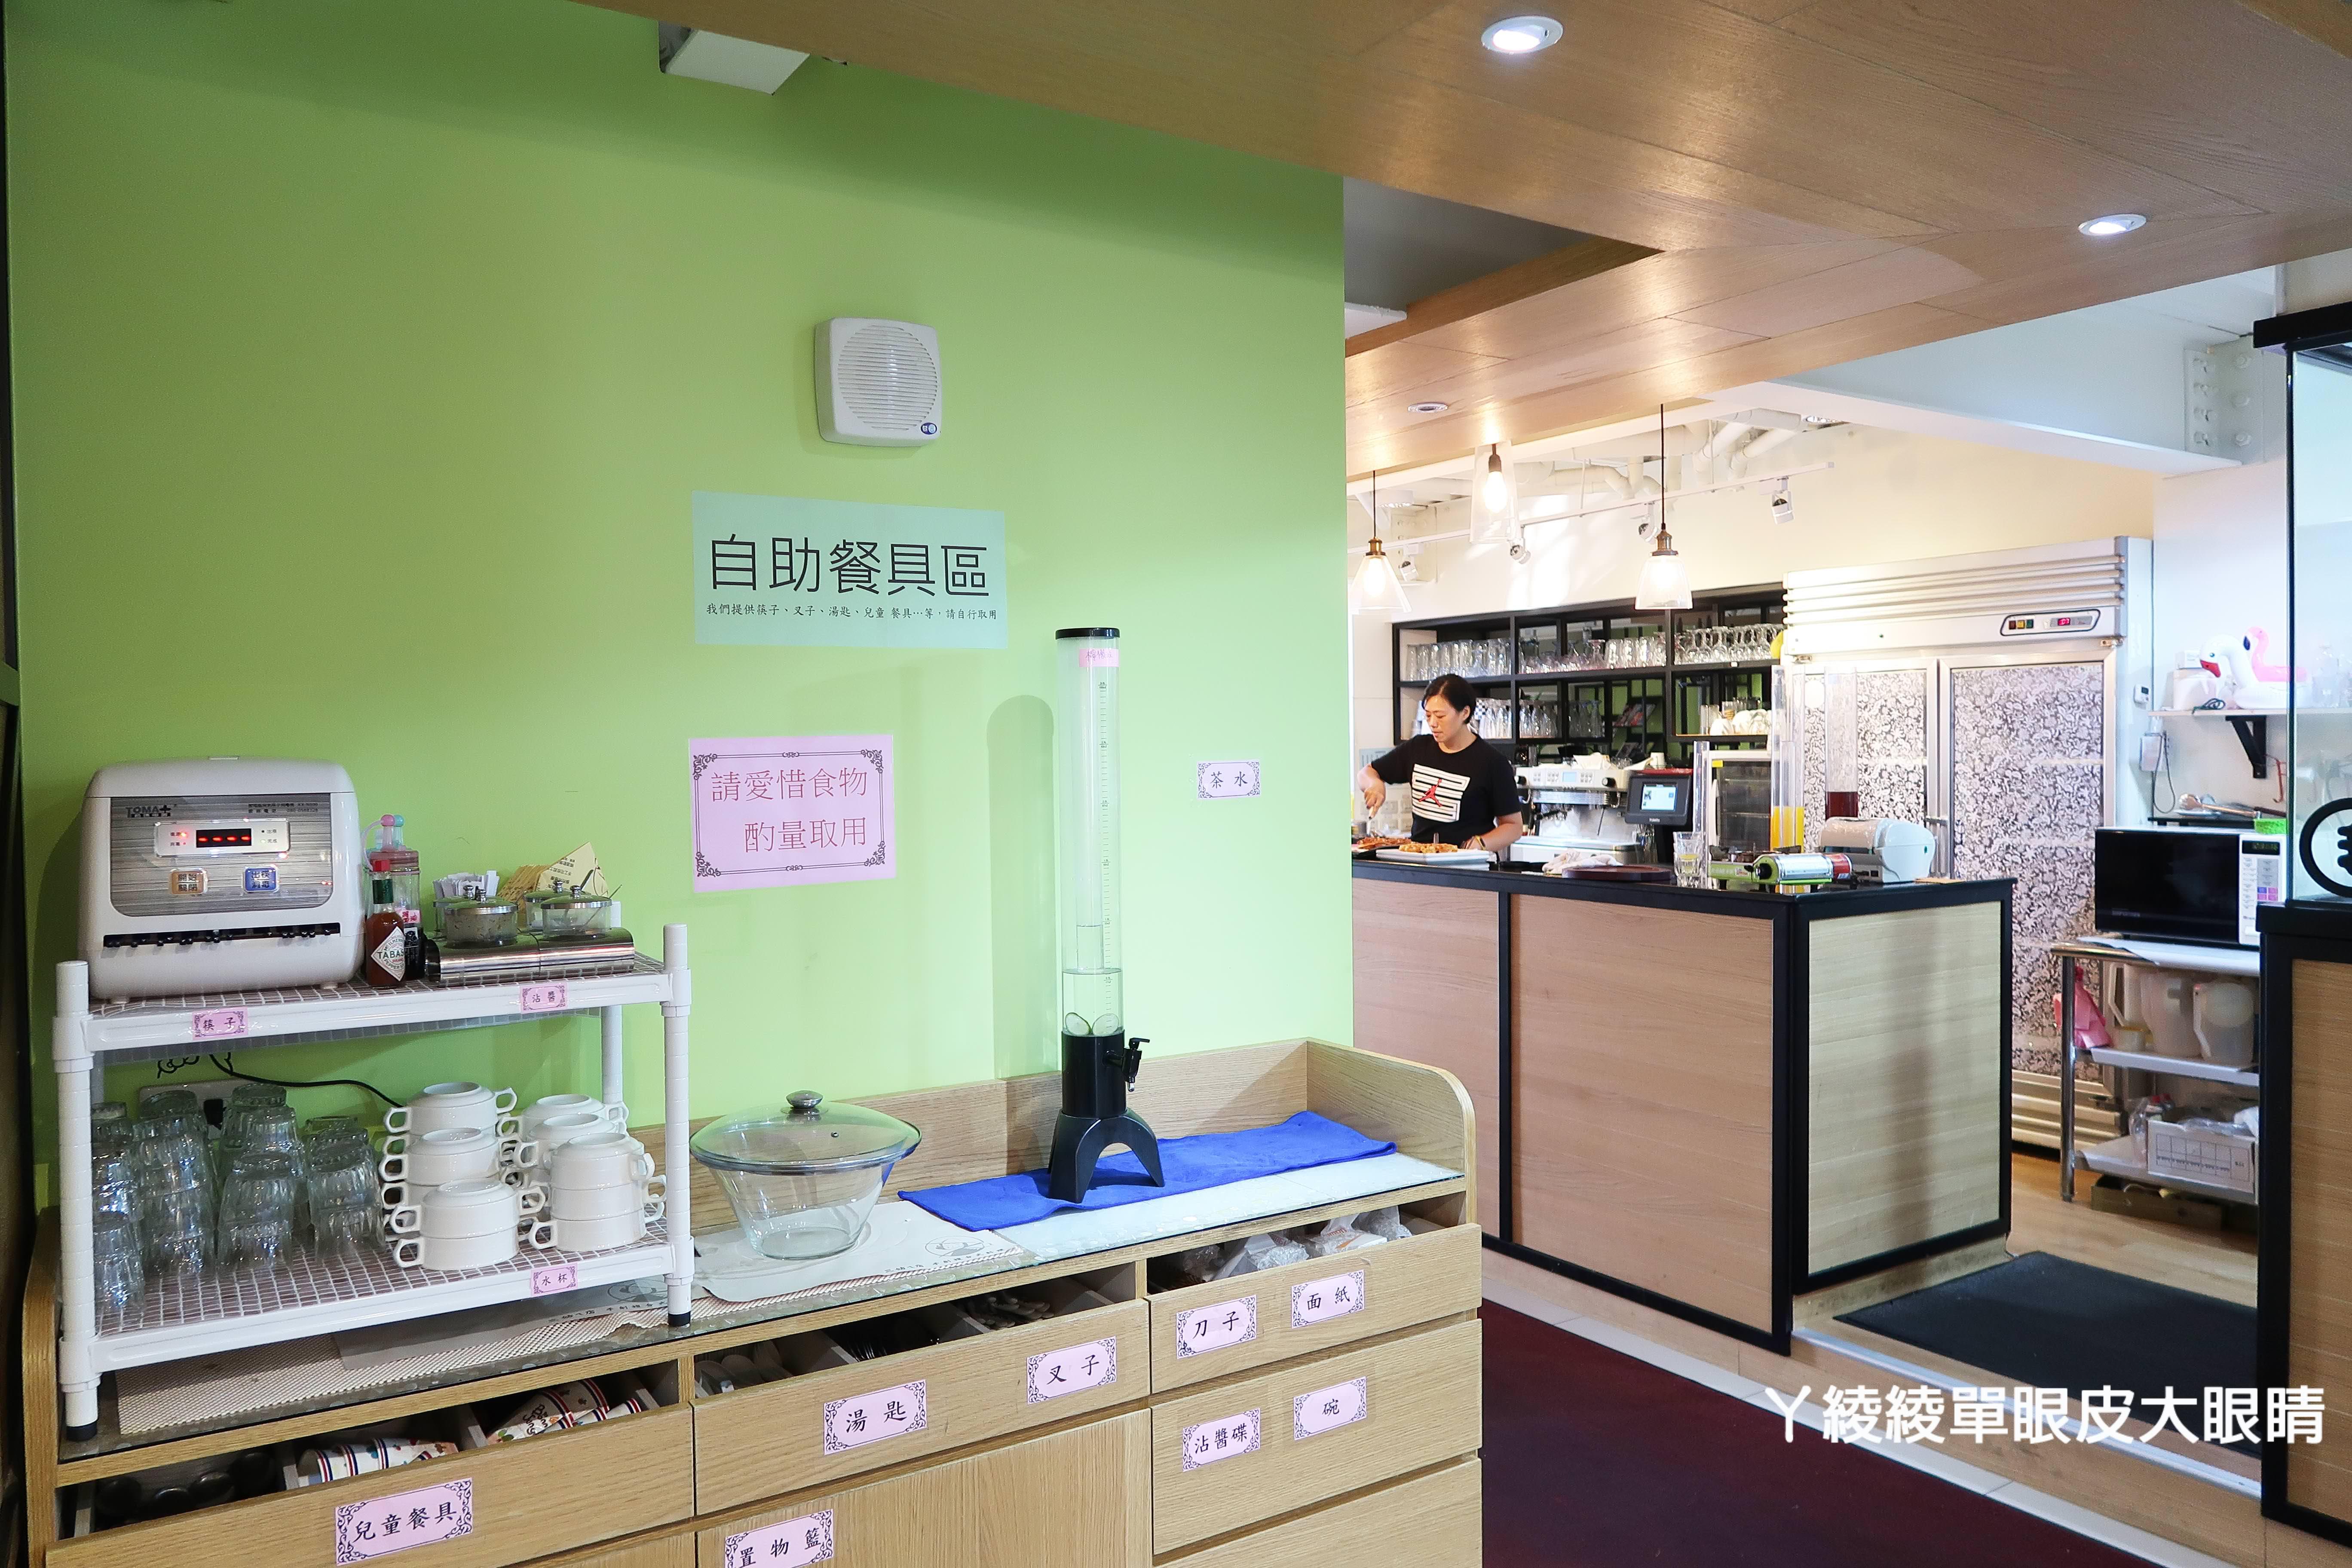 桃園下午茶推薦《三姑的店》,超人氣IG打卡飲料就是它!咖啡自拍藝術拉花